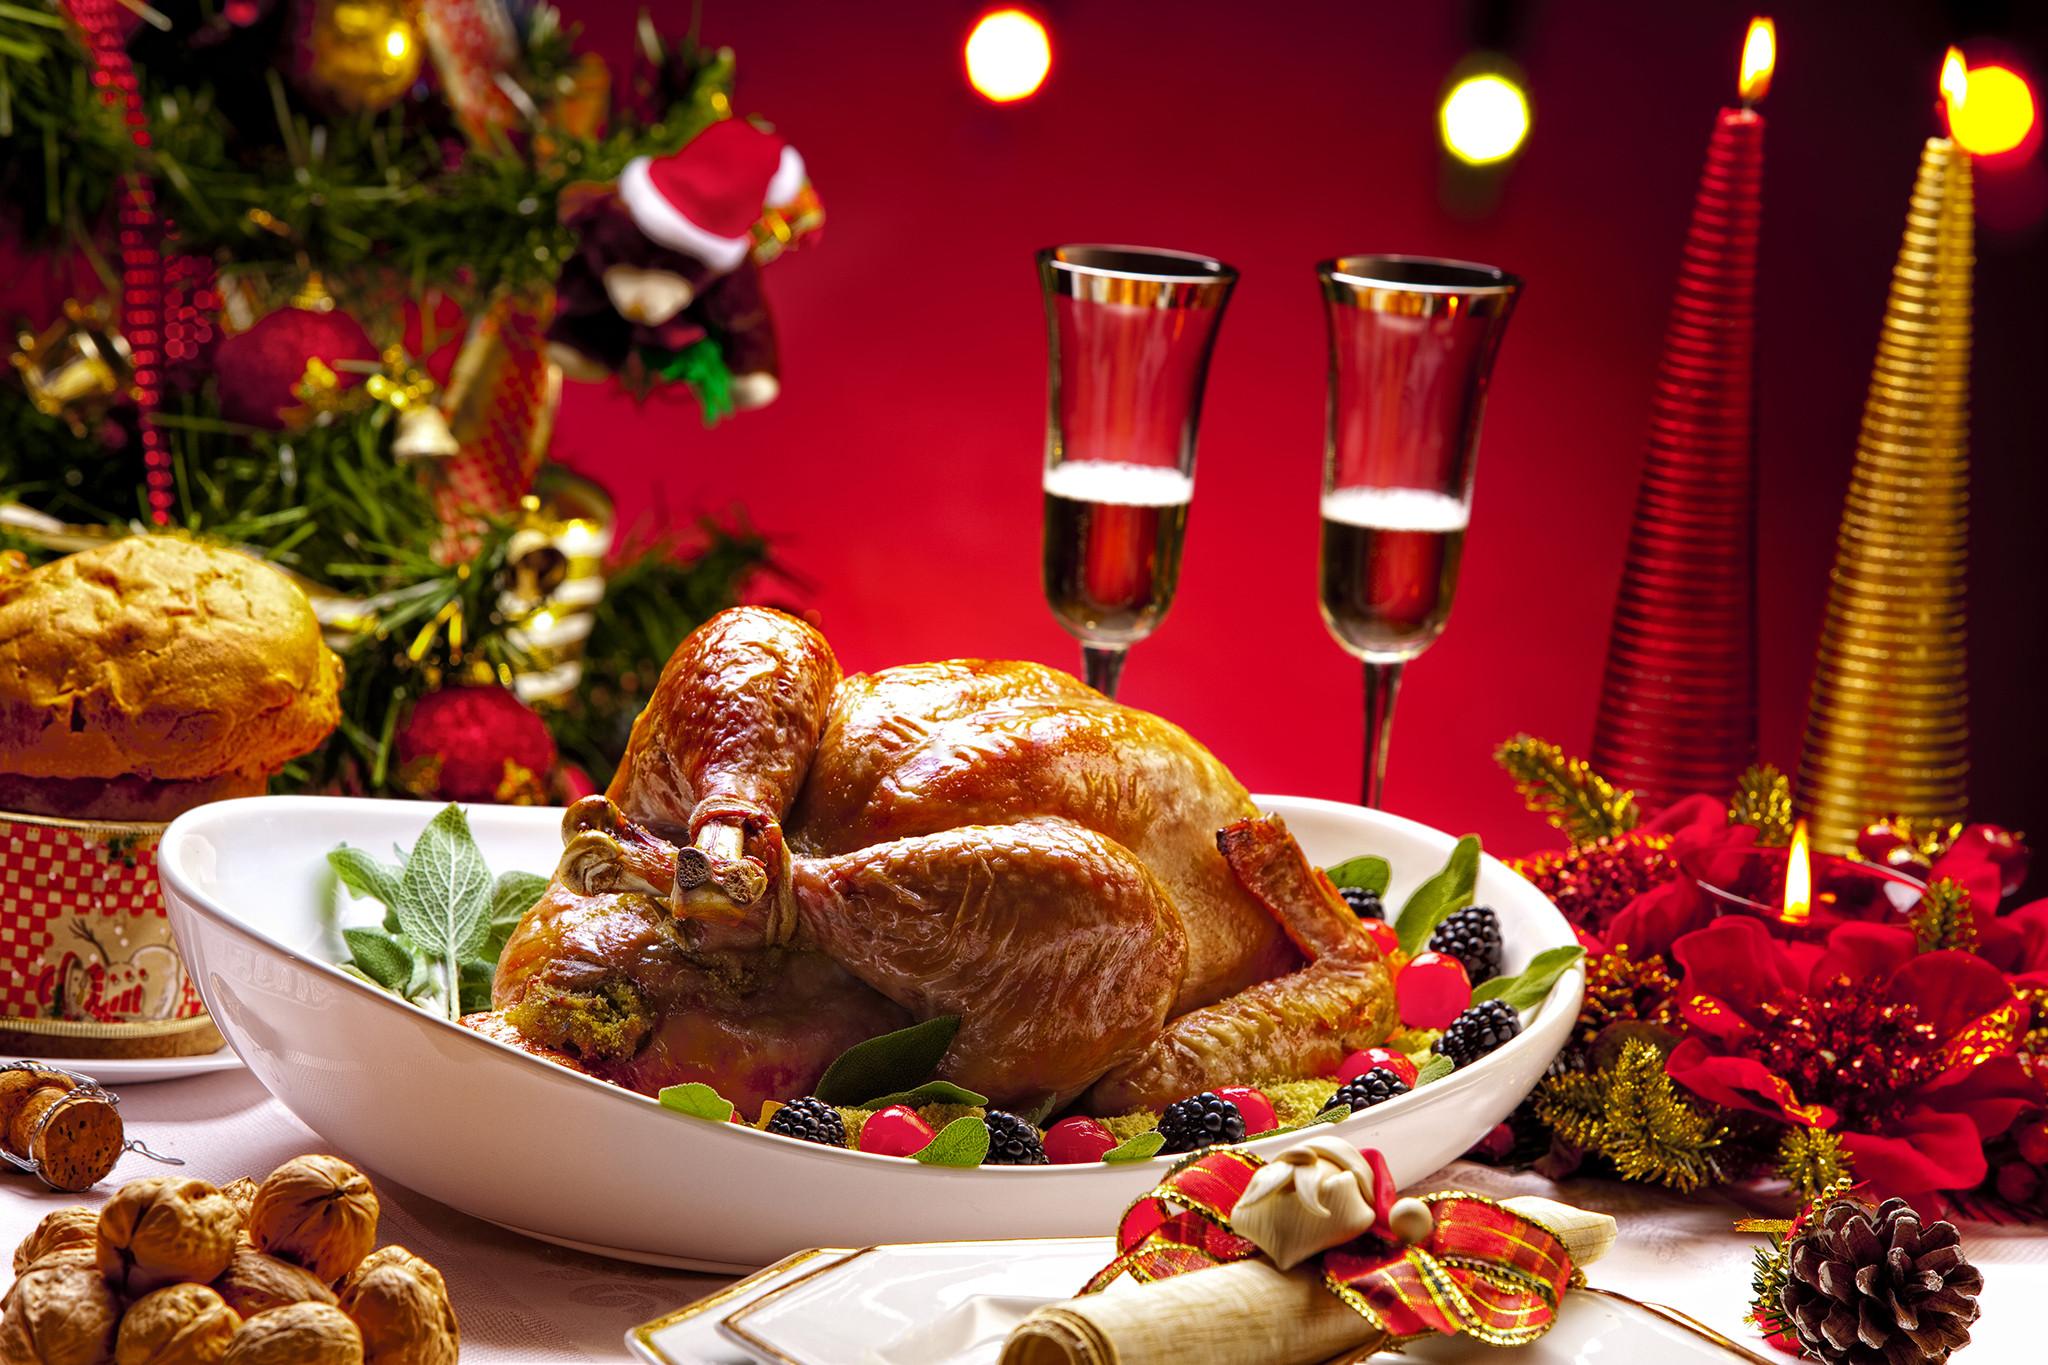 Christmas Eve Dinner Nyc  Christmas Eve and Christmas Day dinner